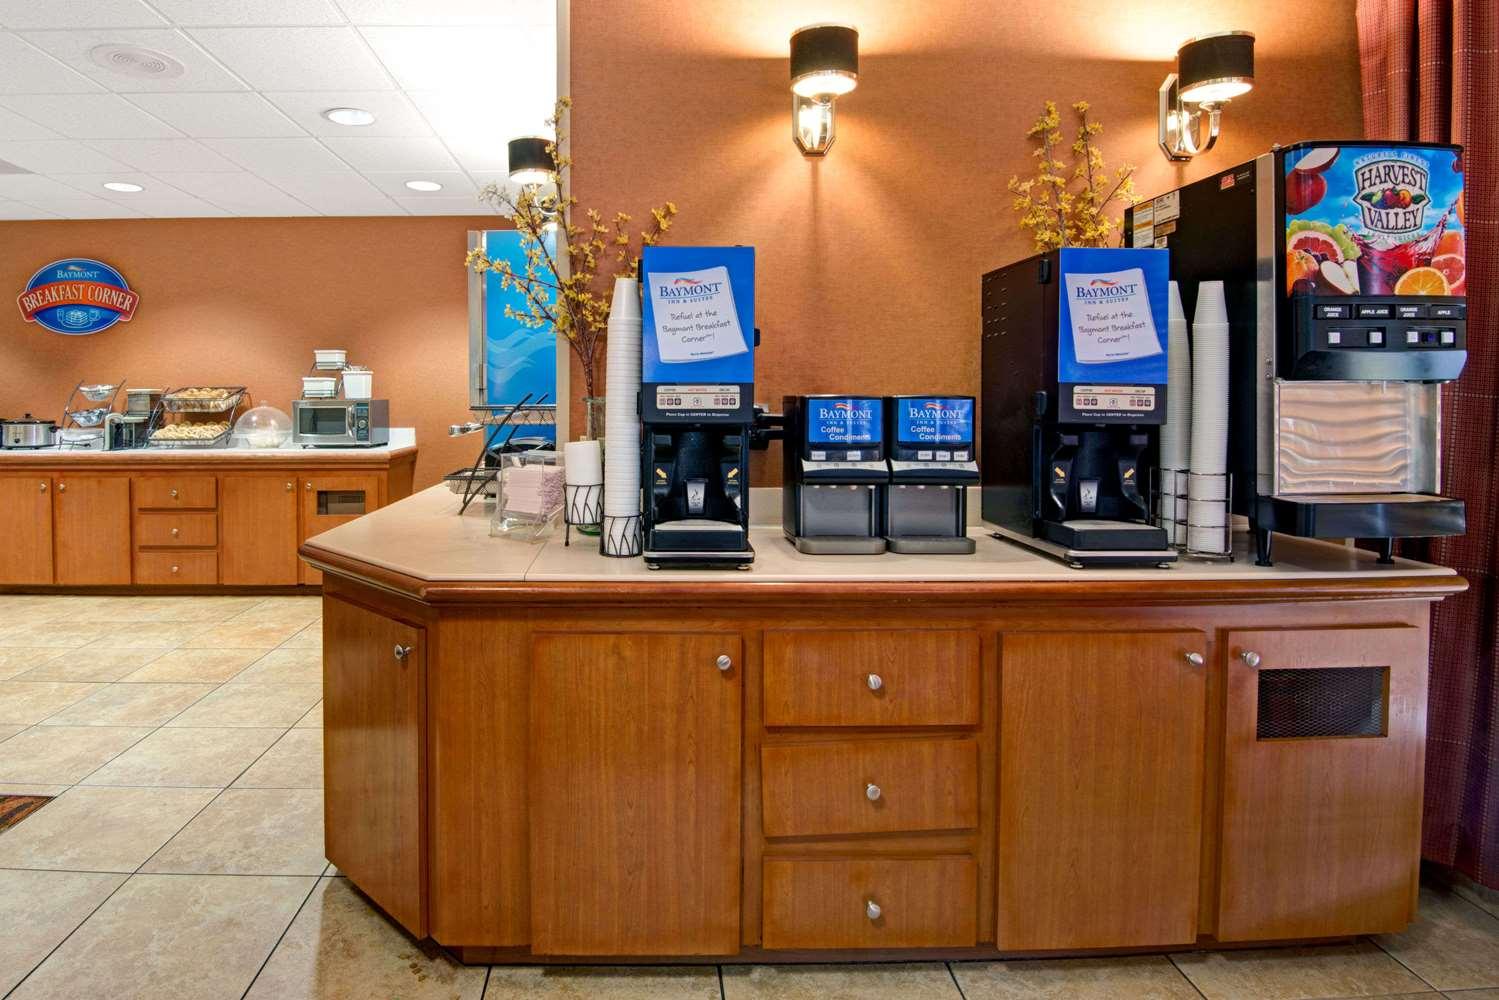 proam - Baymont Inn & Suites Briley Airport Nashville